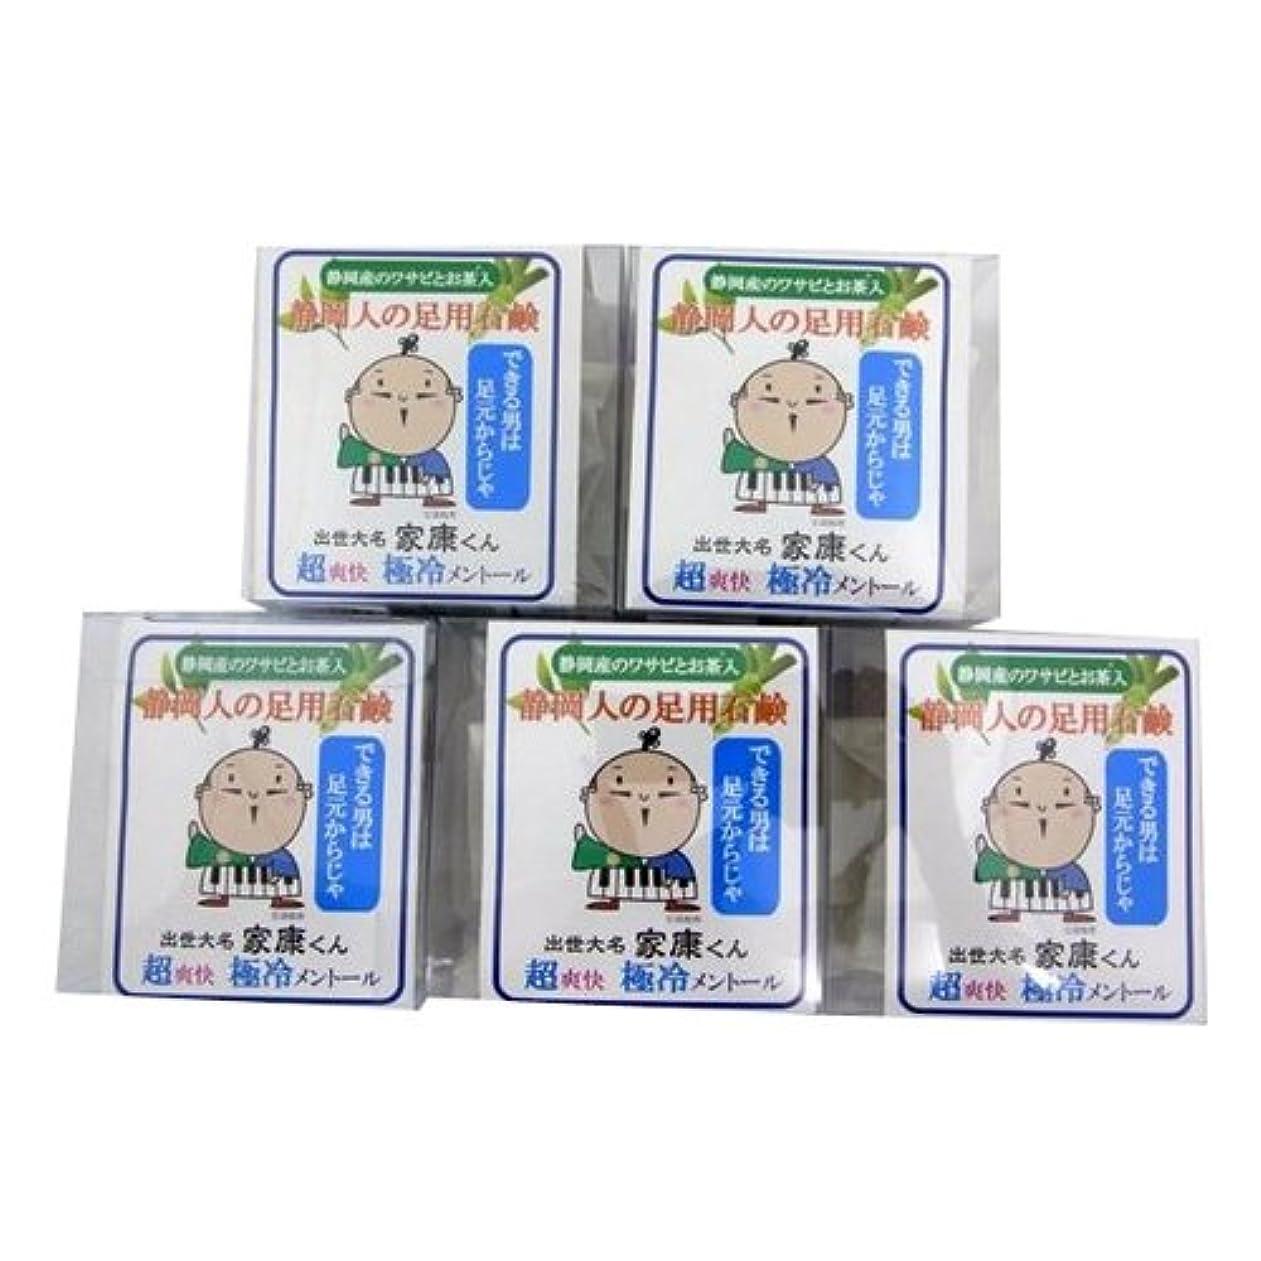 ナイトスポット朝食を食べる宣言エコライフラボ 静岡人の足用石鹸60g (ネット付) 5個セット